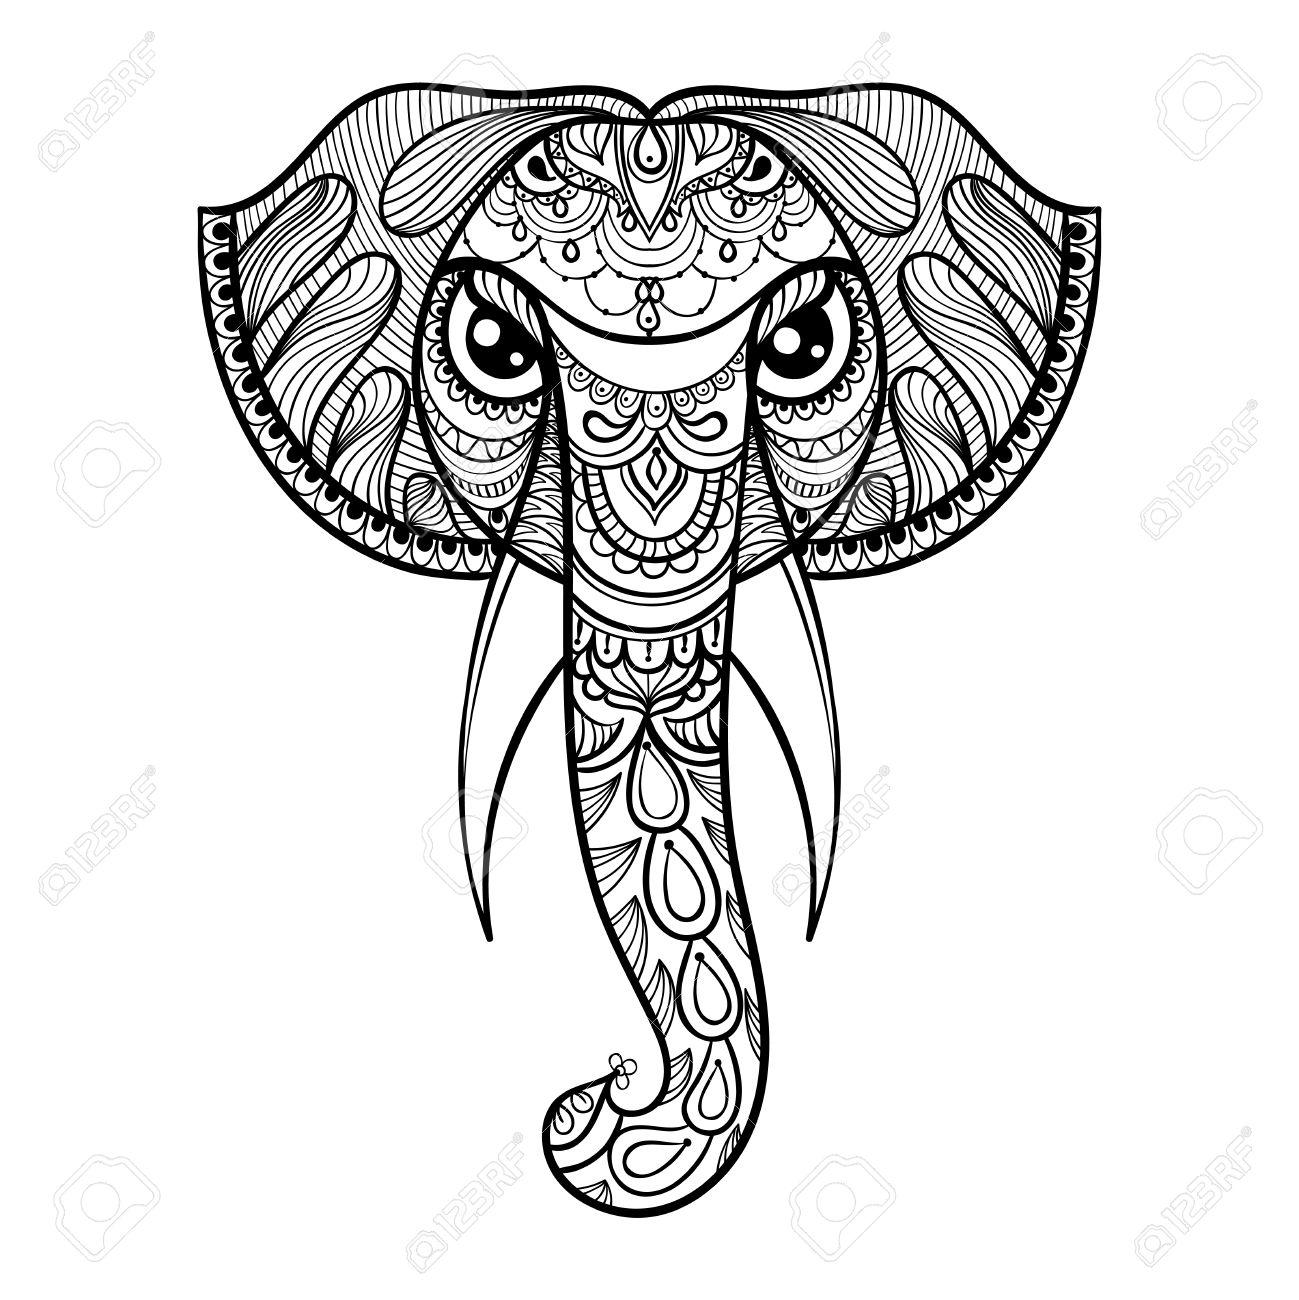 ベクトル象、民族 zentangled マスコット、魔除け、ヘナタトゥーの観賞